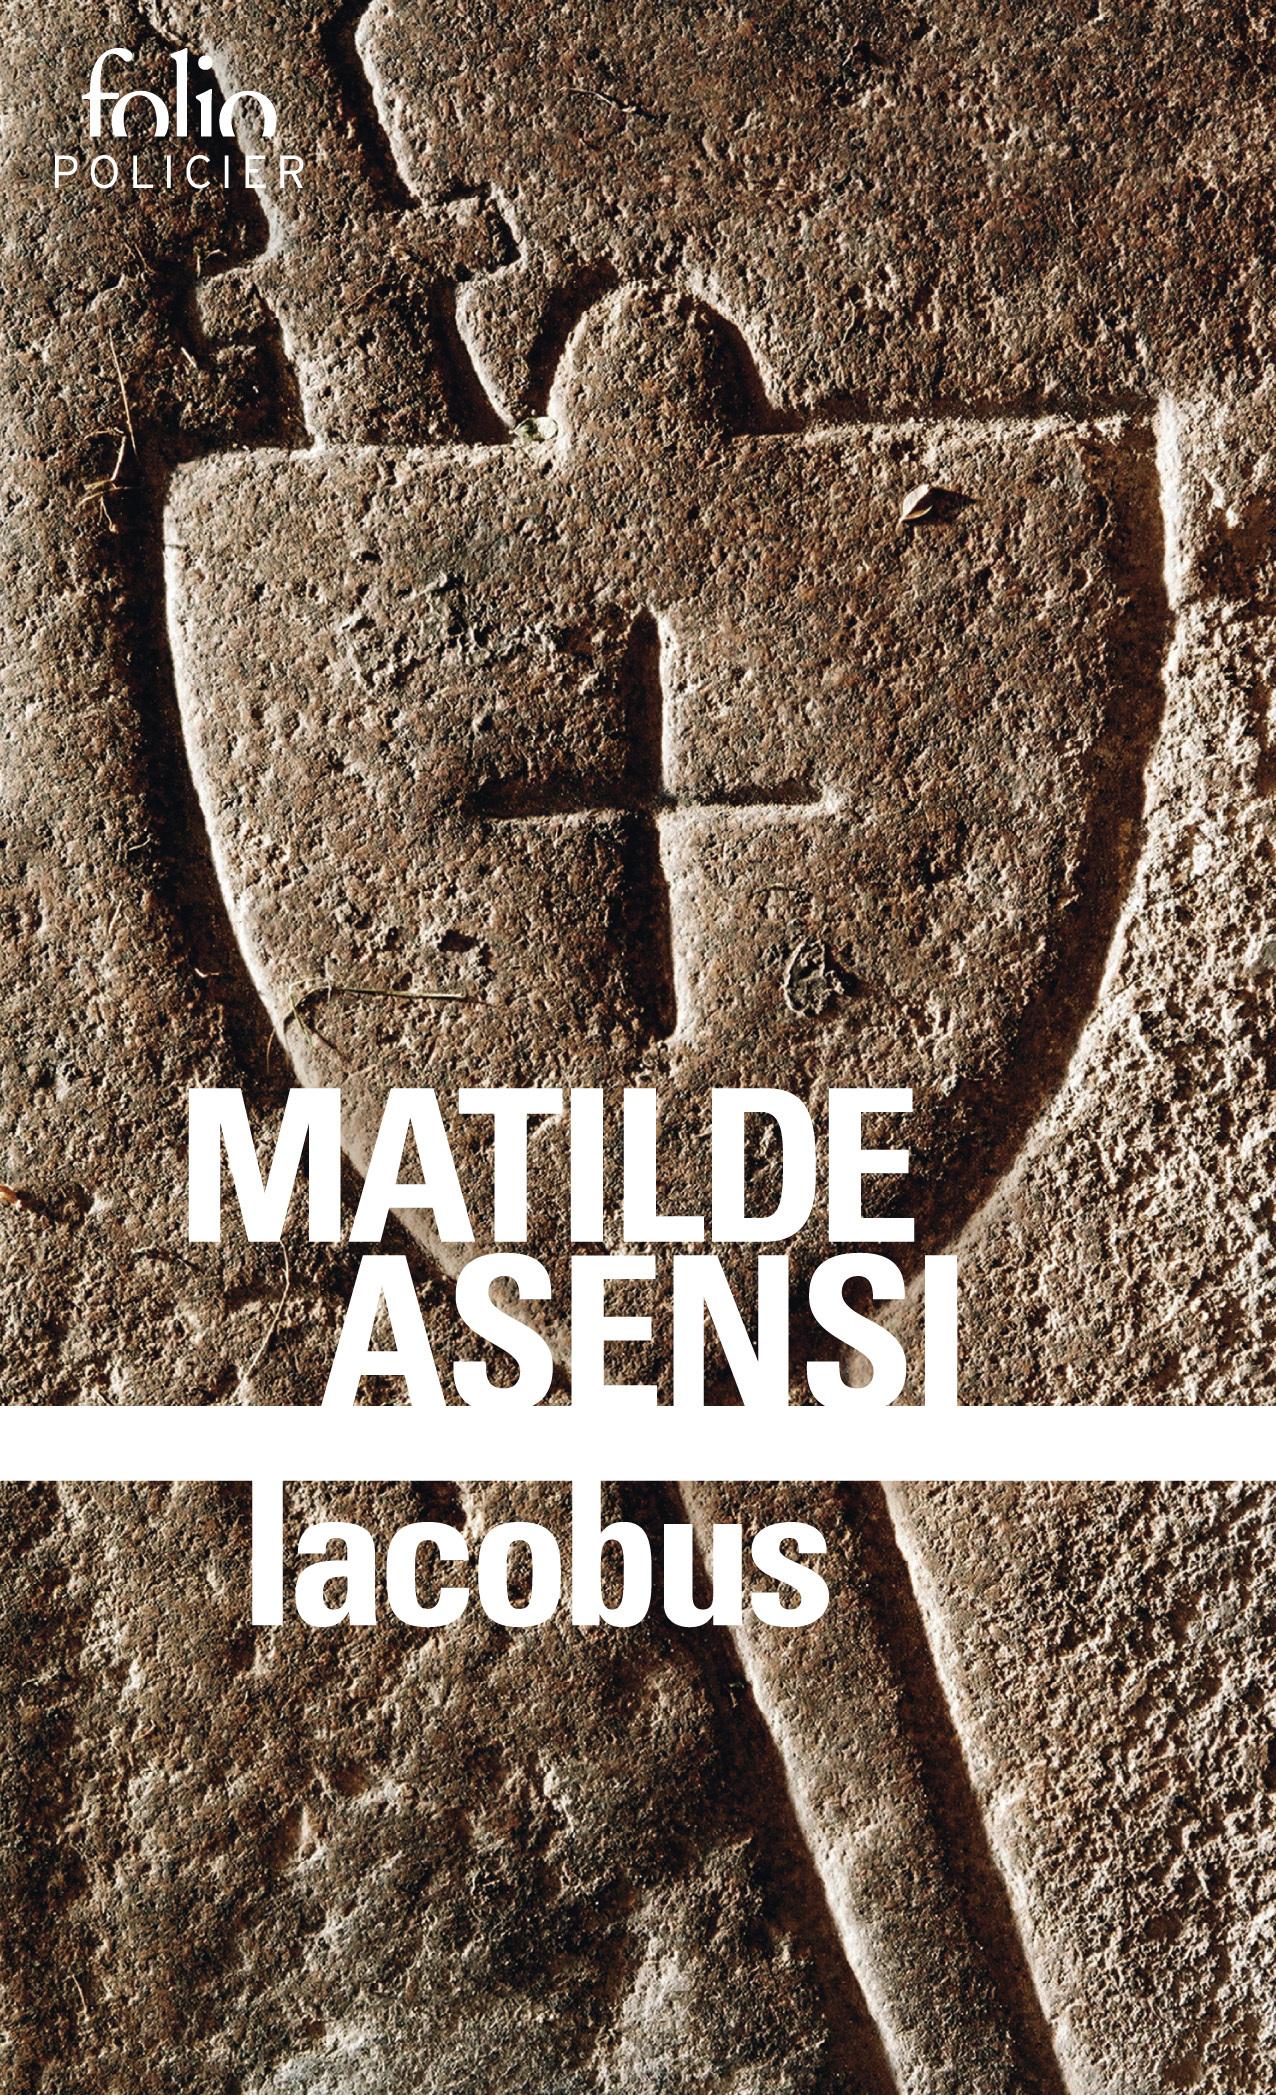 IACOBUS - UNE ENQUETE DU MOINE-SOLDAT GALCERAN DE BORN